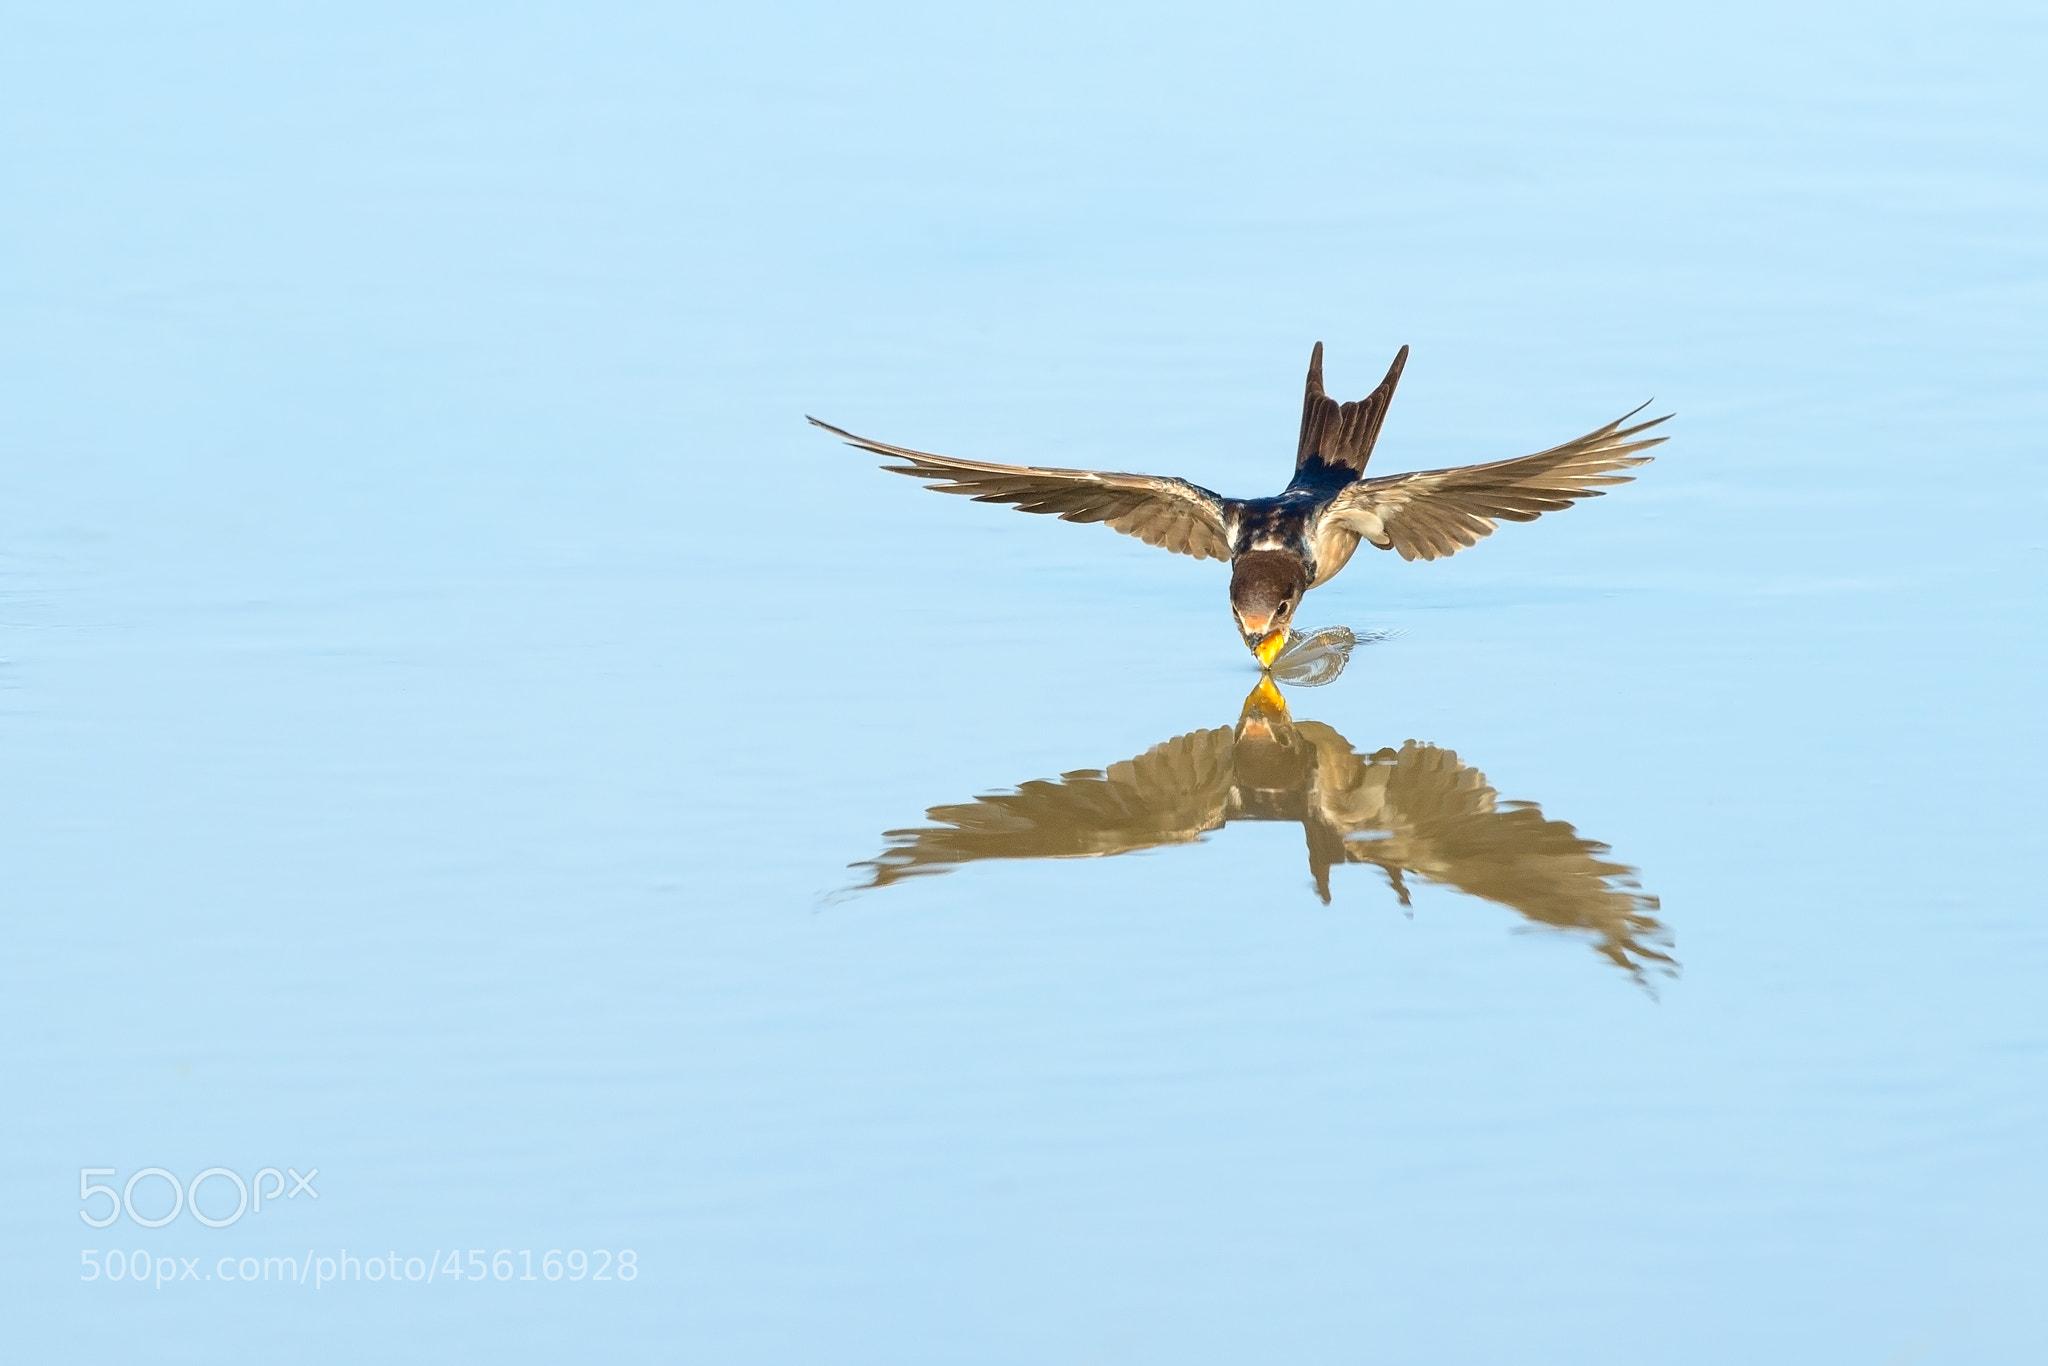 Photograph Thirsty by Johann Grobbelaar on 500px